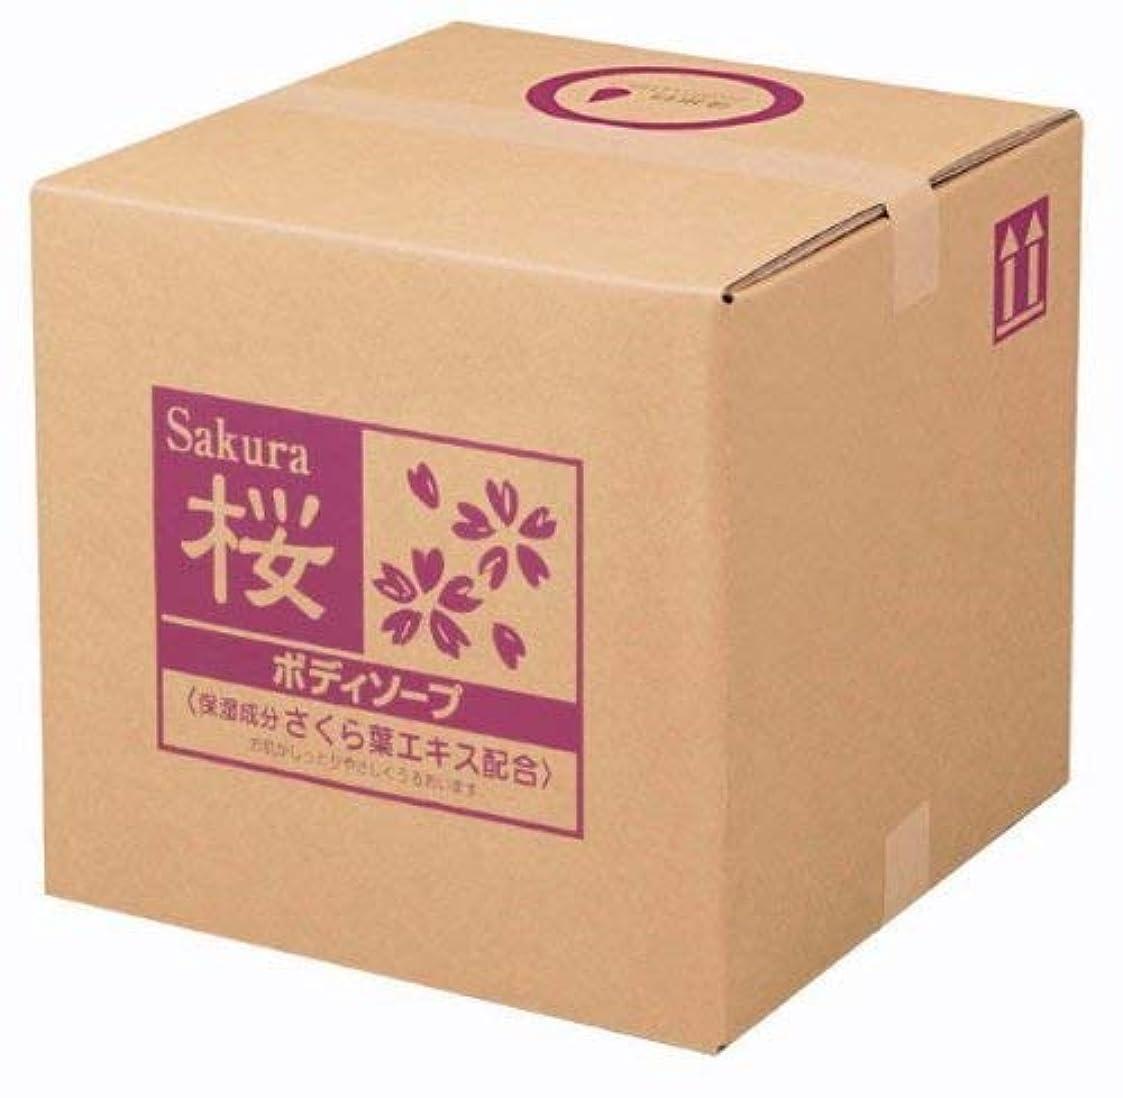 検索エンジンマーケティング混雑カテナ業務用 SCRITT(スクリット) 桜 ボディソープ 18L 熊野油脂 (コック付き)